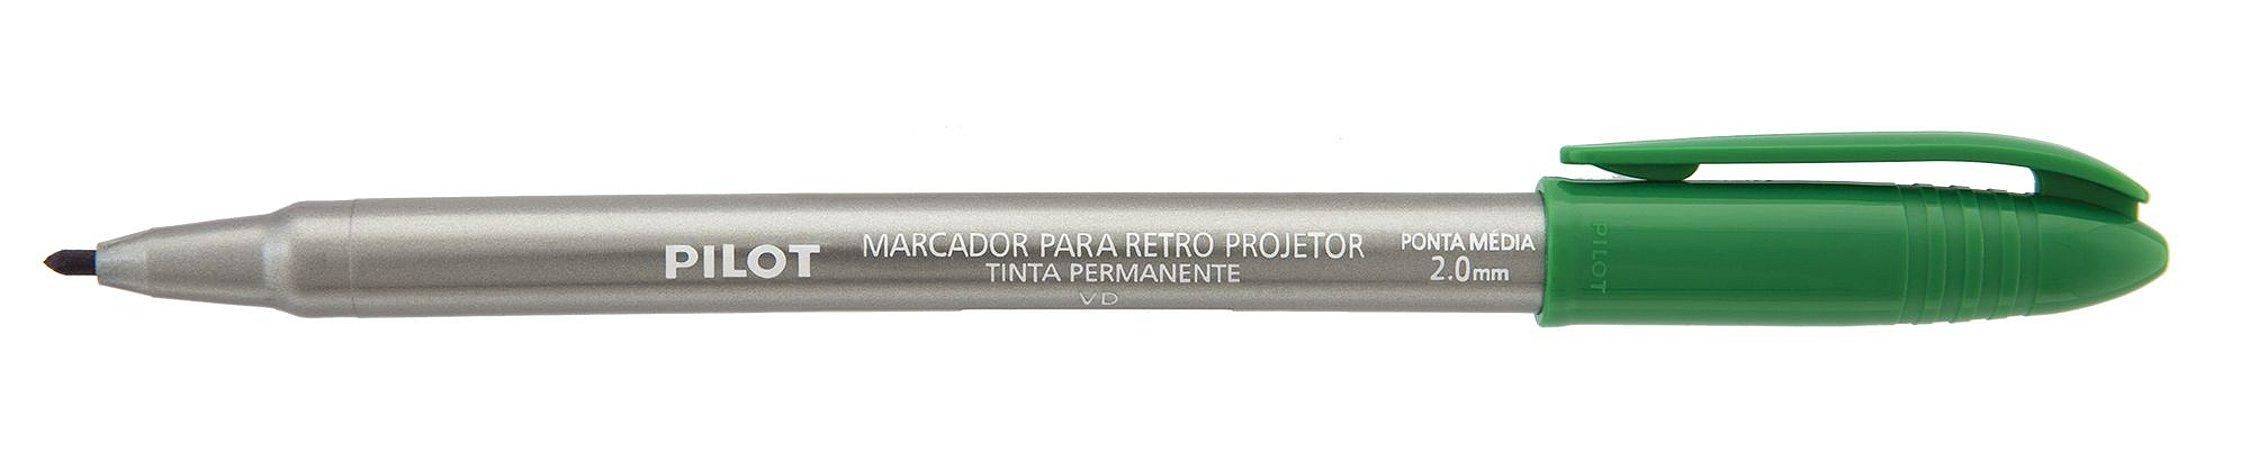 MARCADOR PARA RETRO PROJETOR 2.0MM VERDE - PILOT